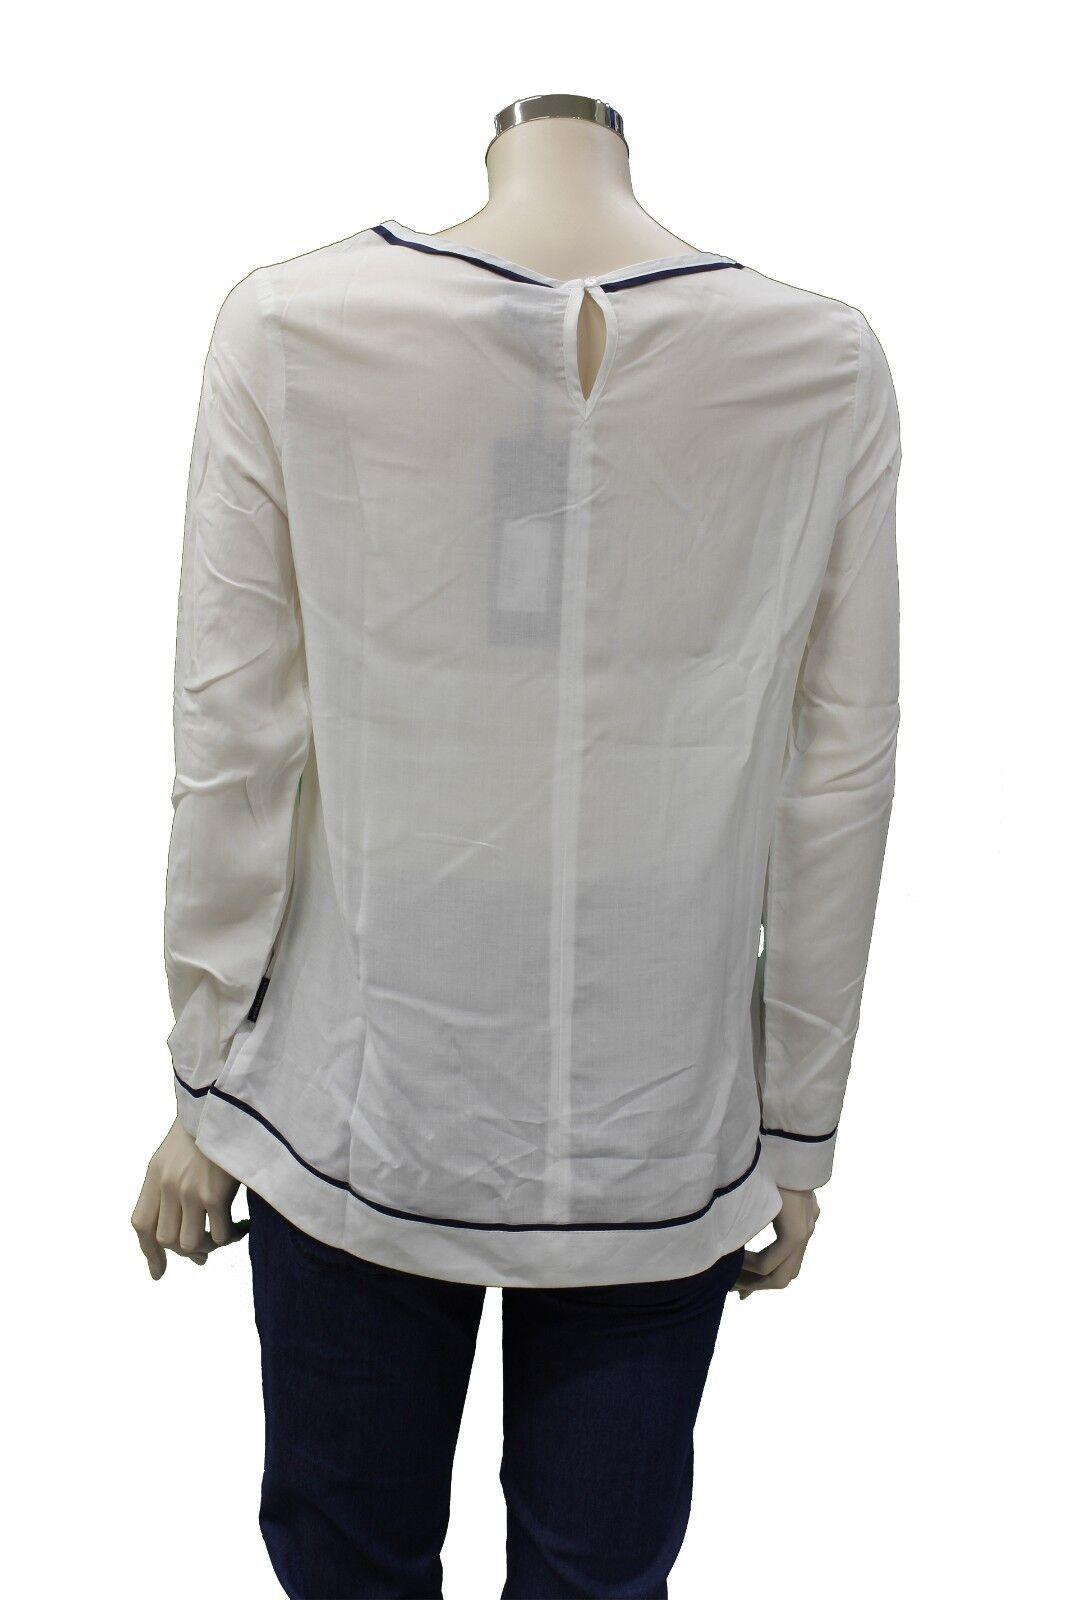 T-Shirt da da da donna bianca lunga North Sails Boatneck girocollo manica lunga moda 915732